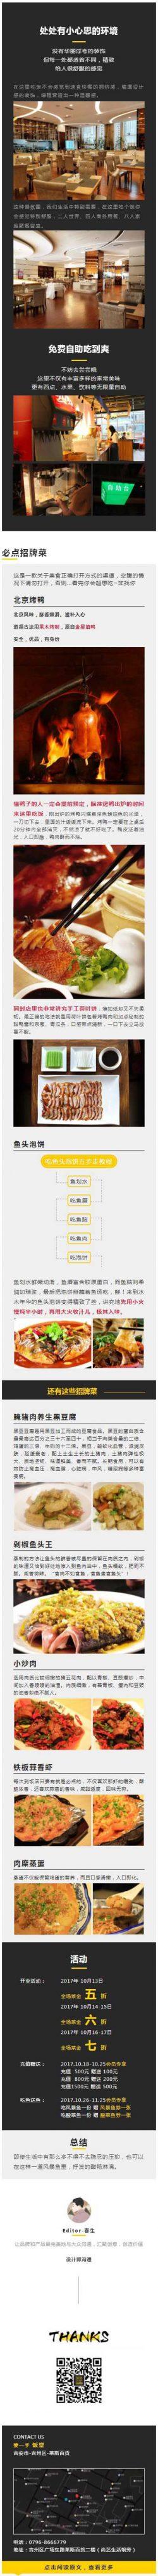 美食餐厅酒店特色菜品介绍